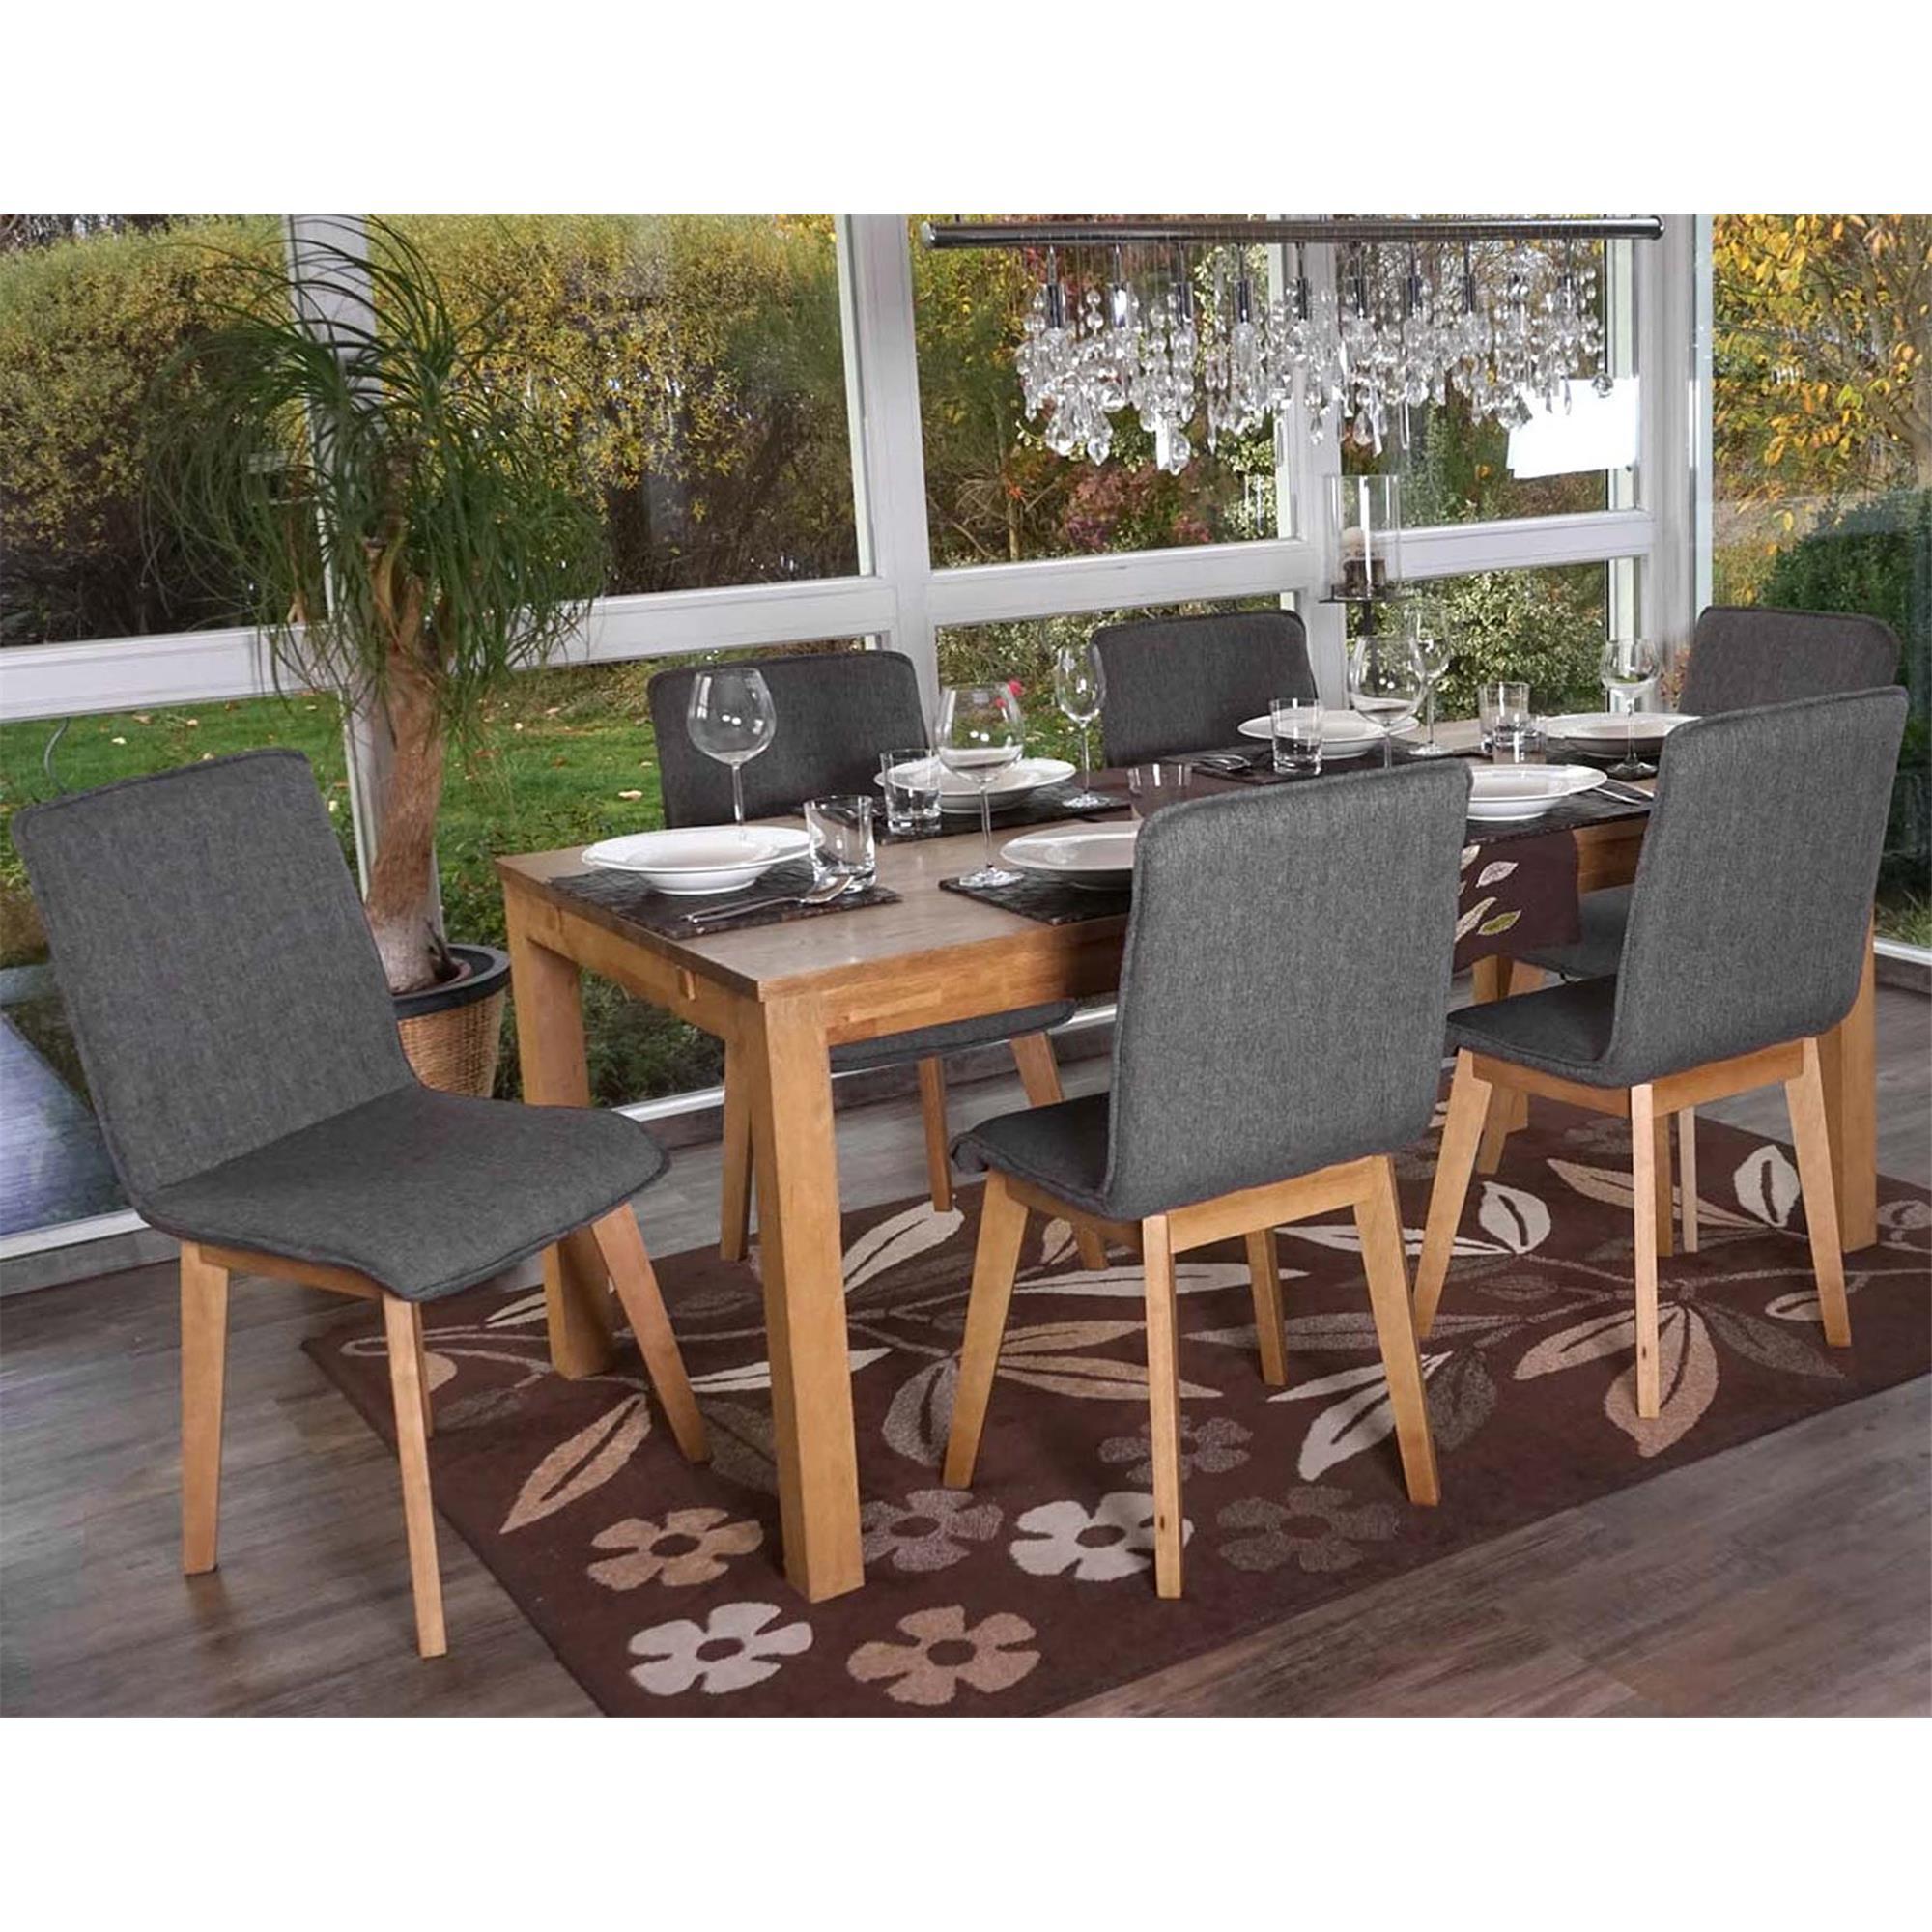 Lote 6 sillas de cocina o comedor ford en tela gris for Sillas grises para comedor